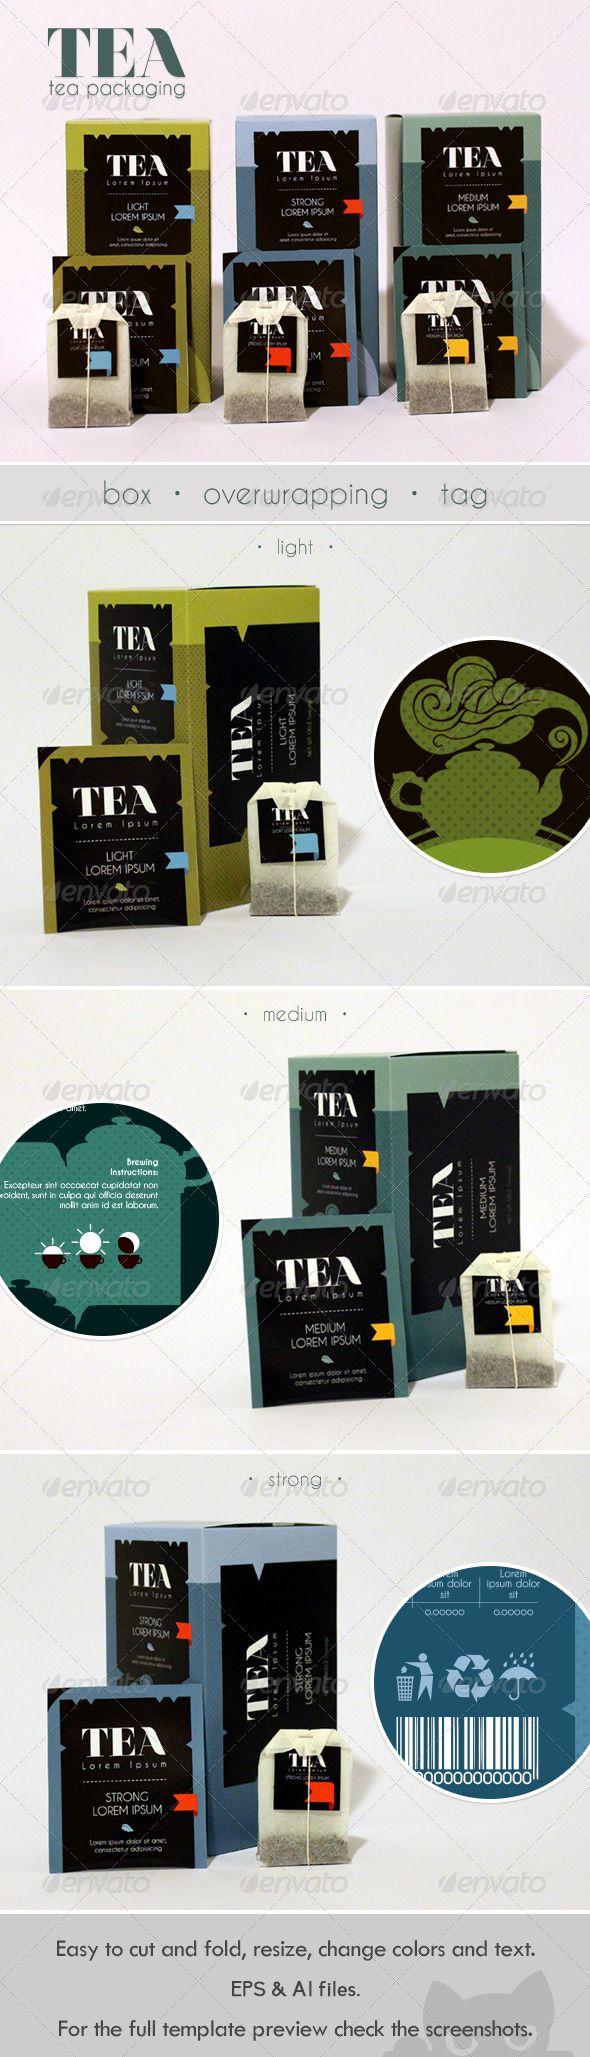 Modern Tea Packaging Design